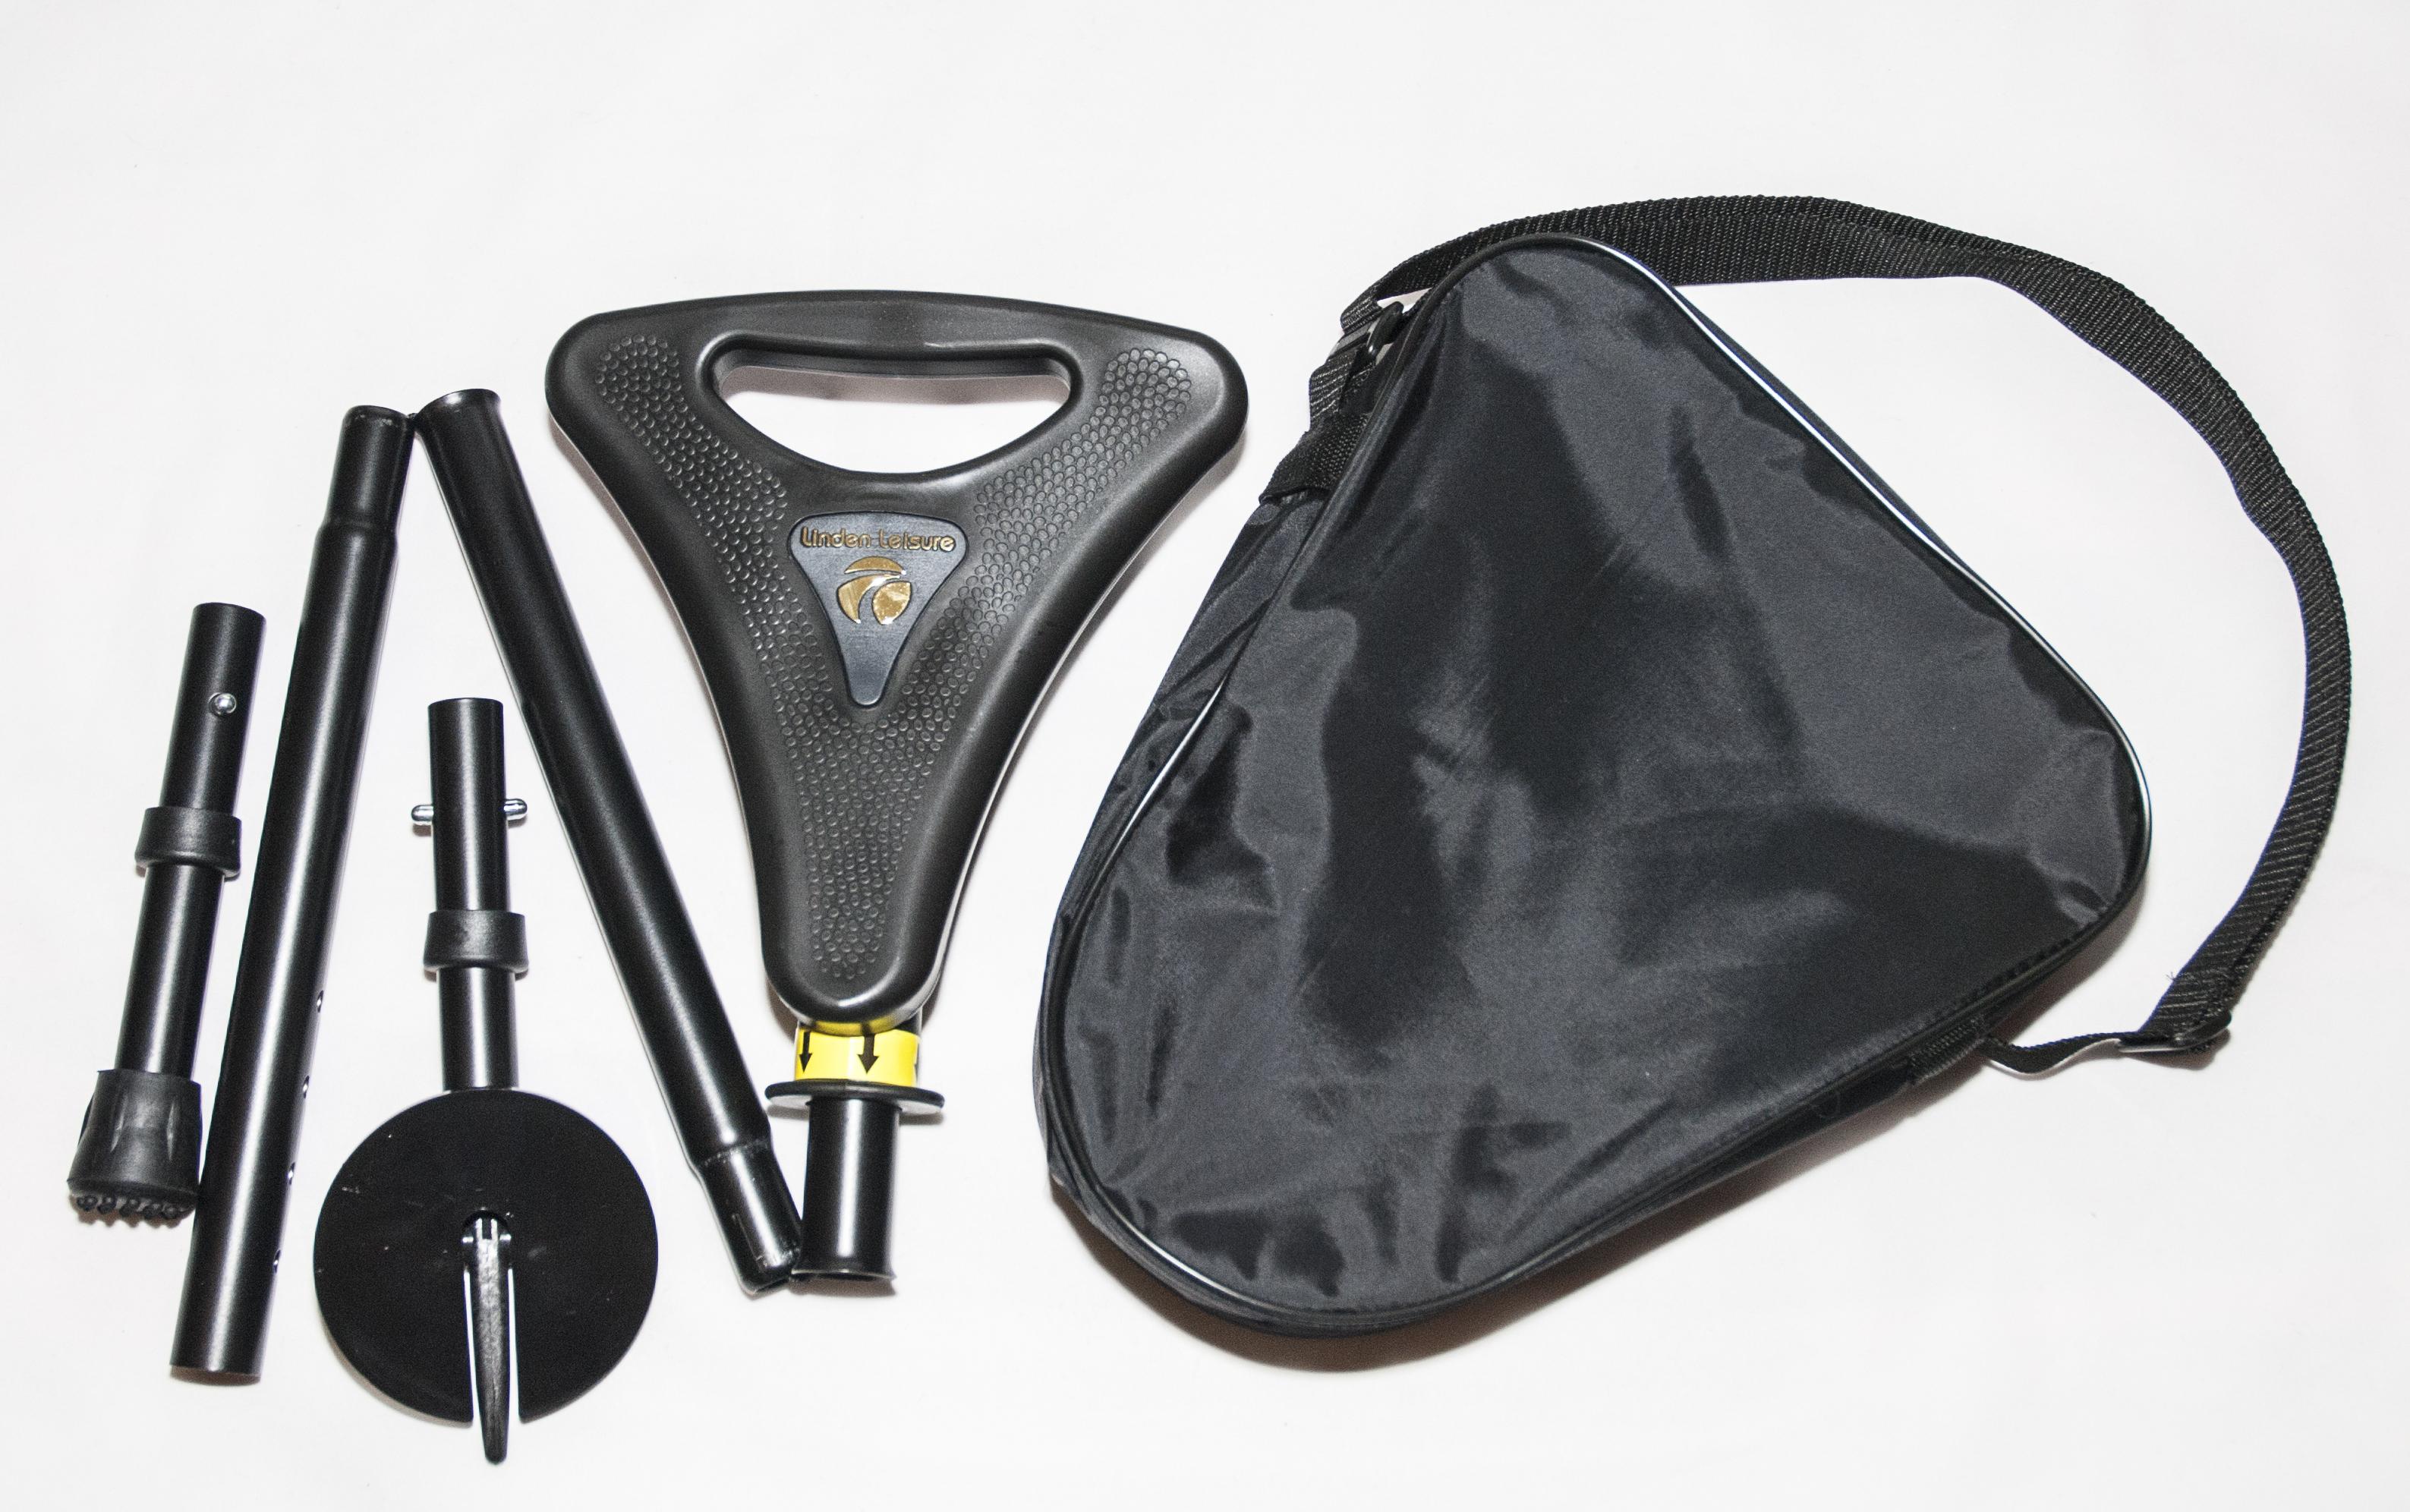 Black foldaway